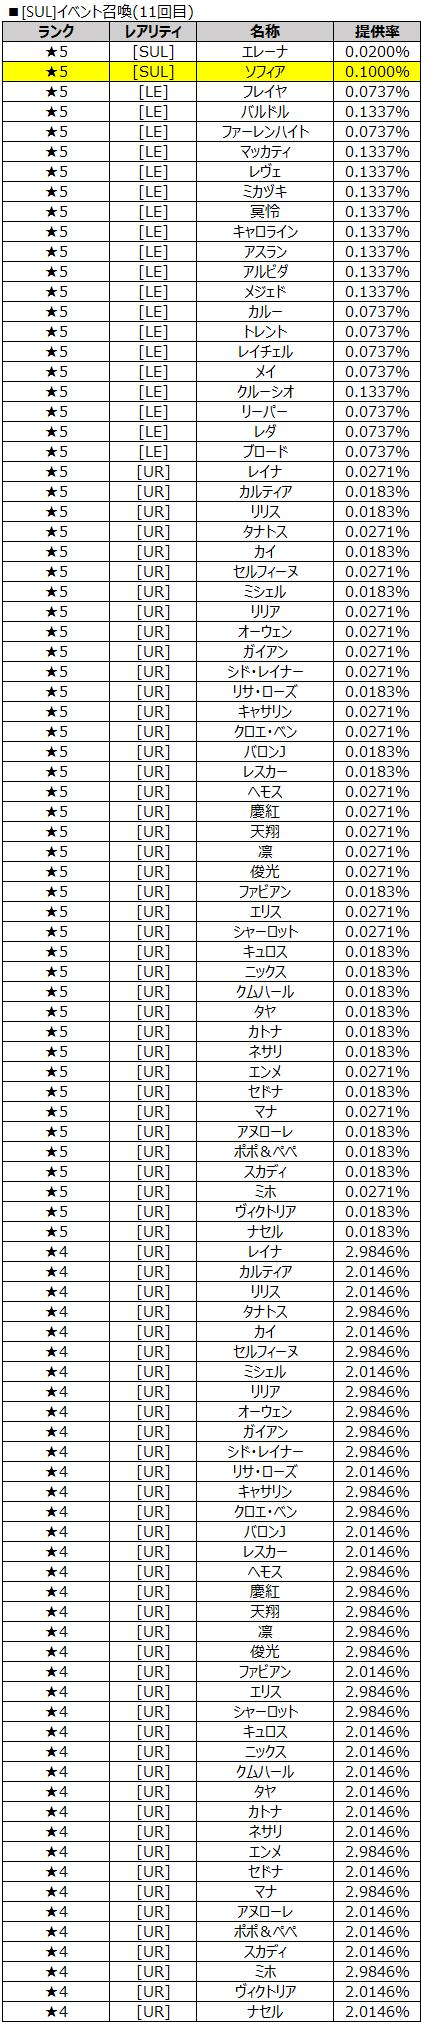 [SUL]イベント召喚11回目